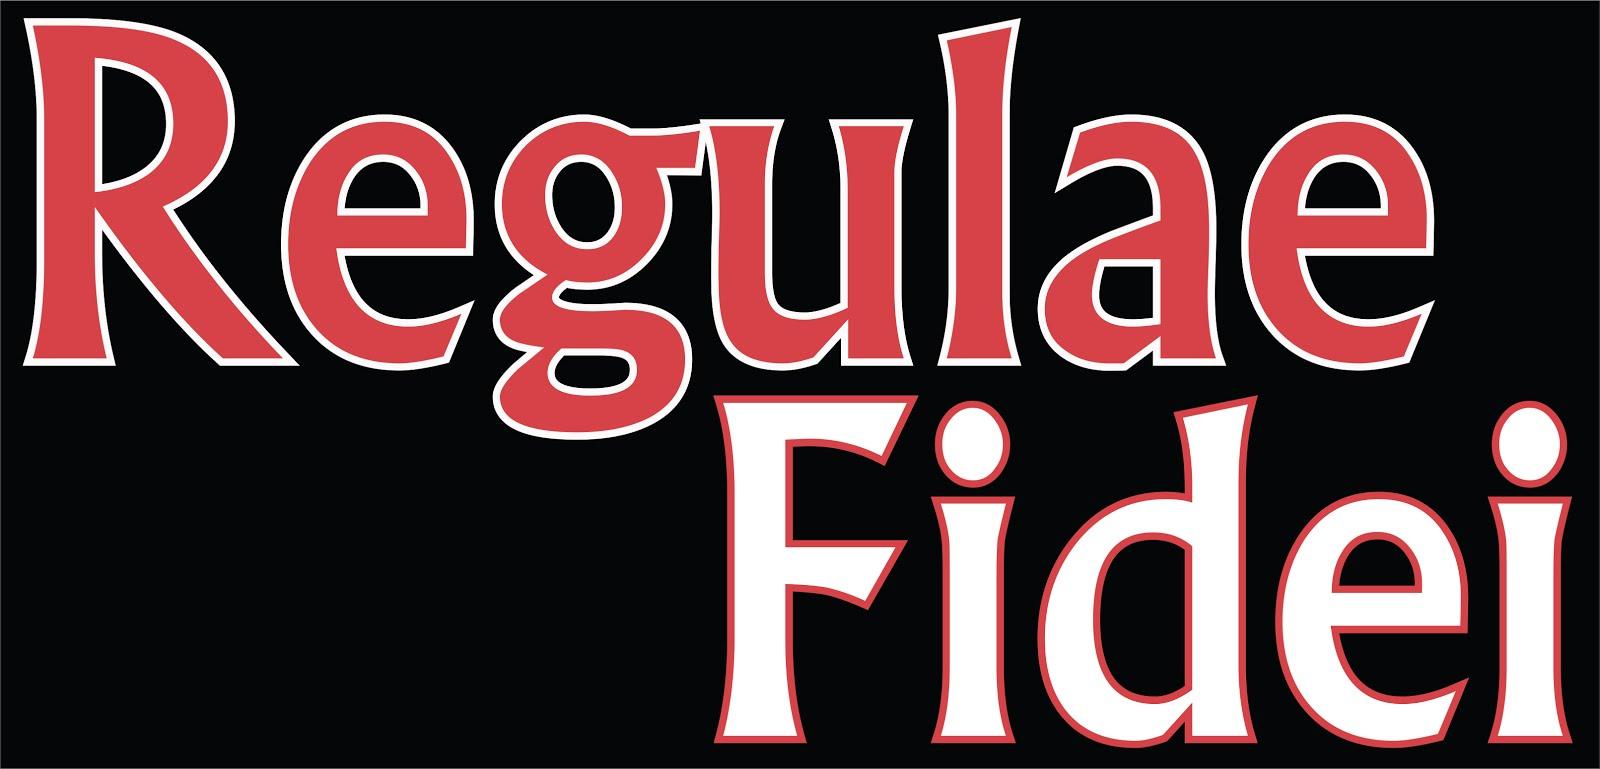 Regulae Fidei - Regra de Fé